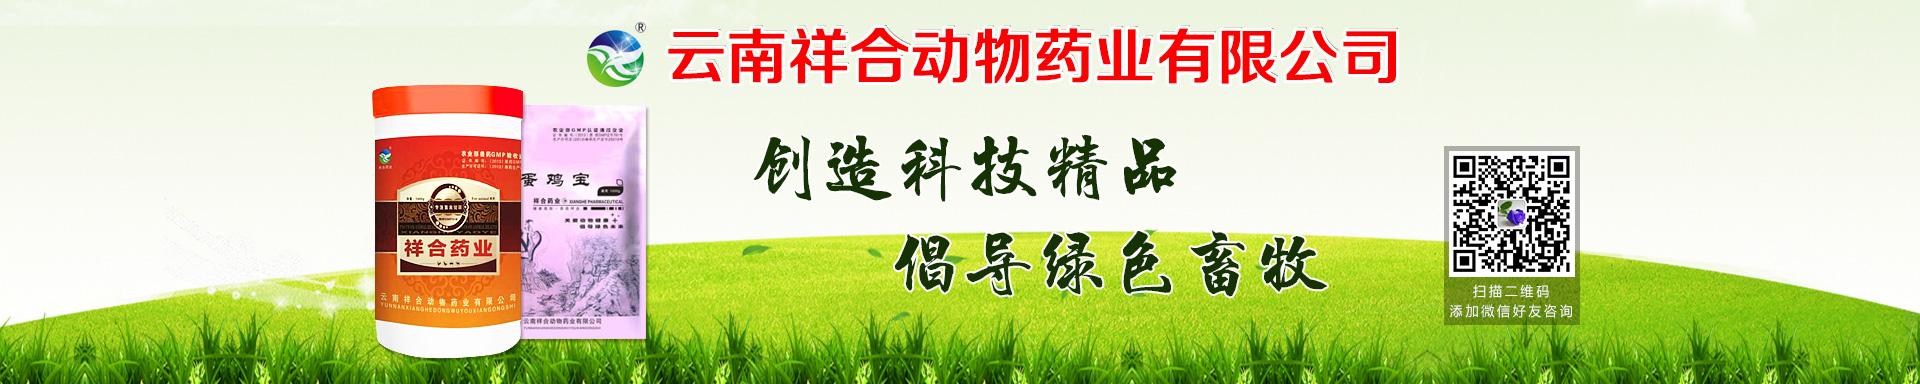 云南祥合动物药业有限公司